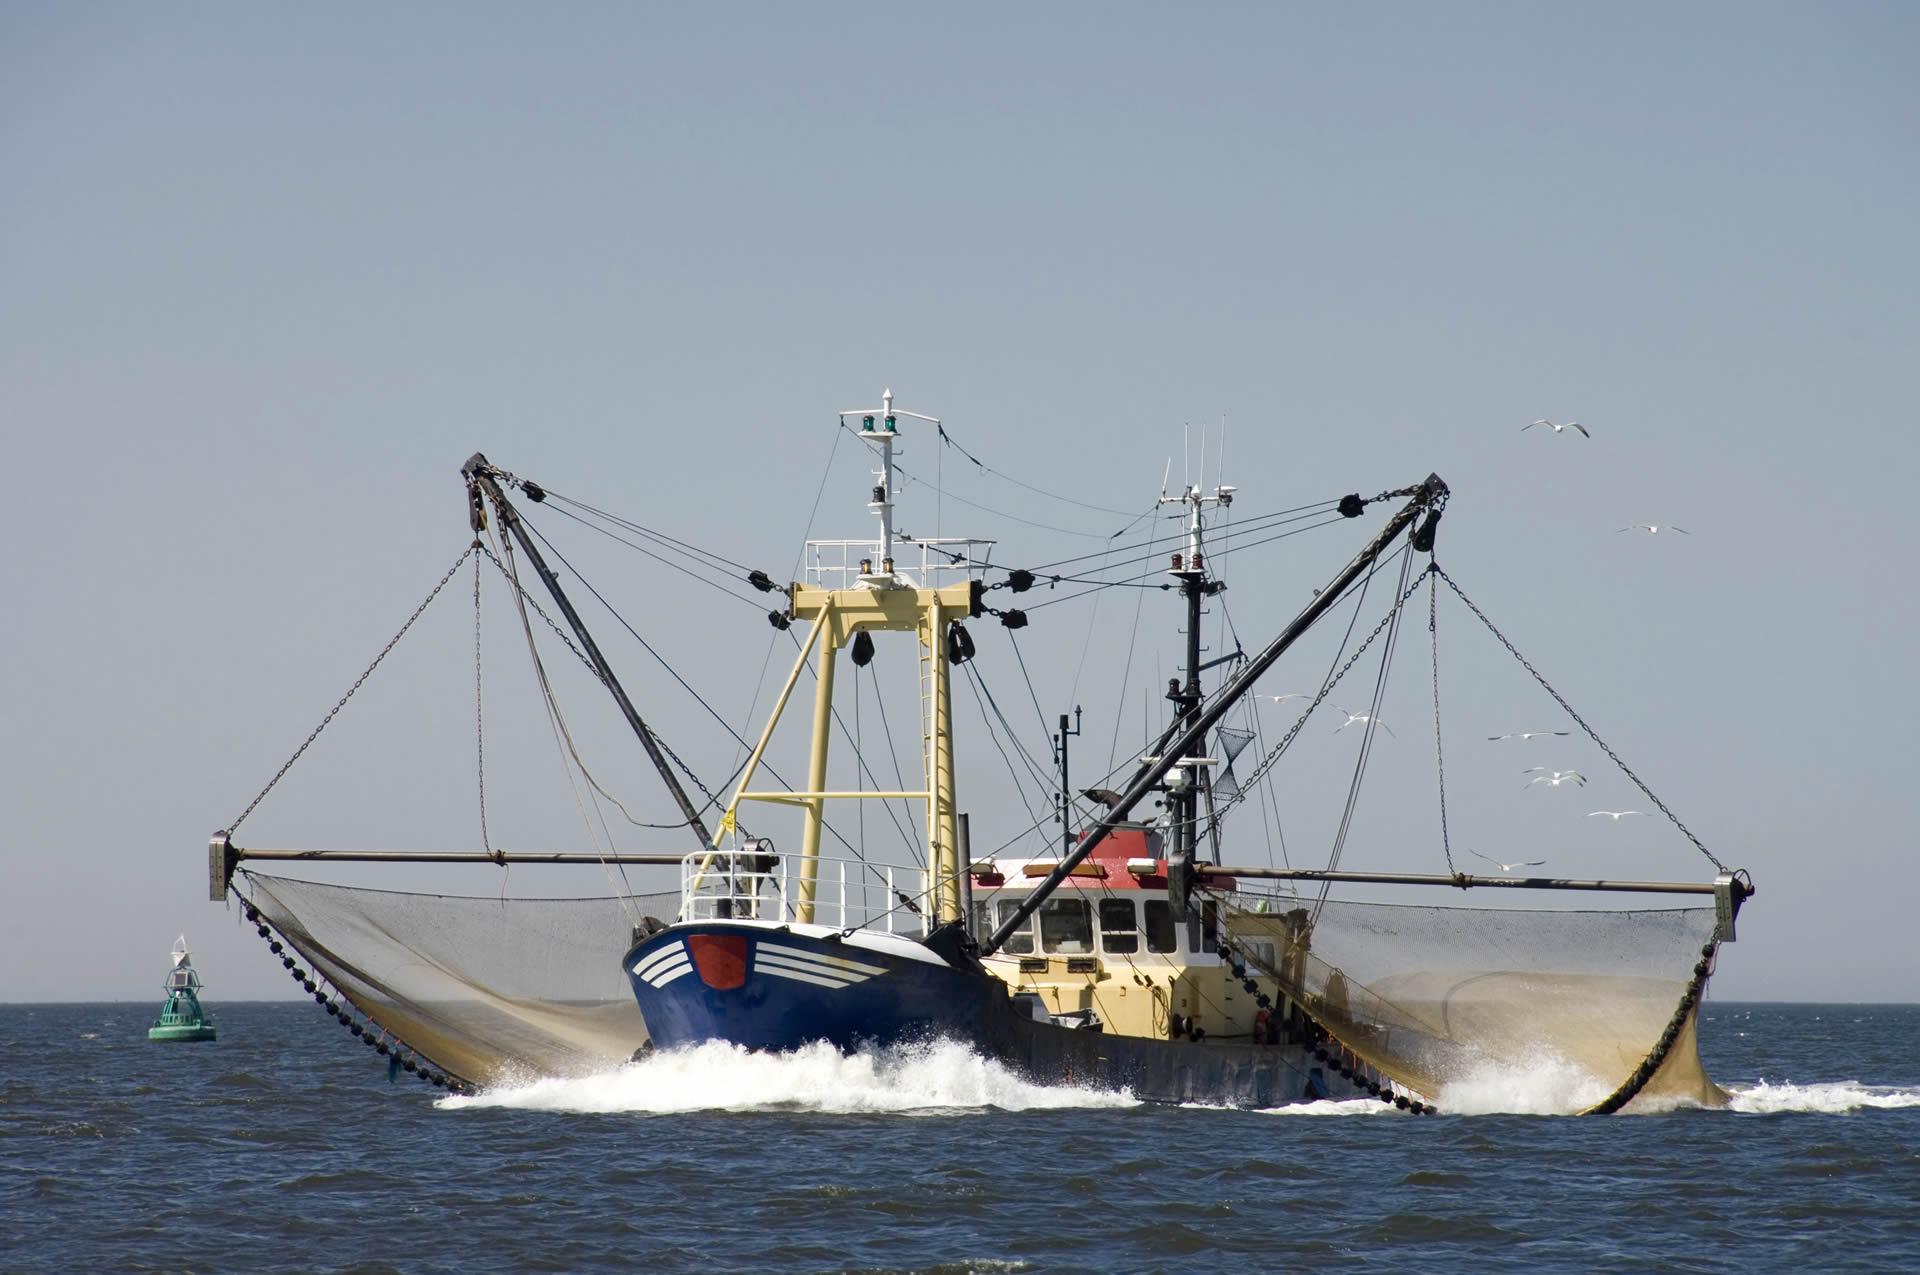 Afrique de l'Ouest : Greenpeace accuse les multinationales de la pêche de pillage des océans